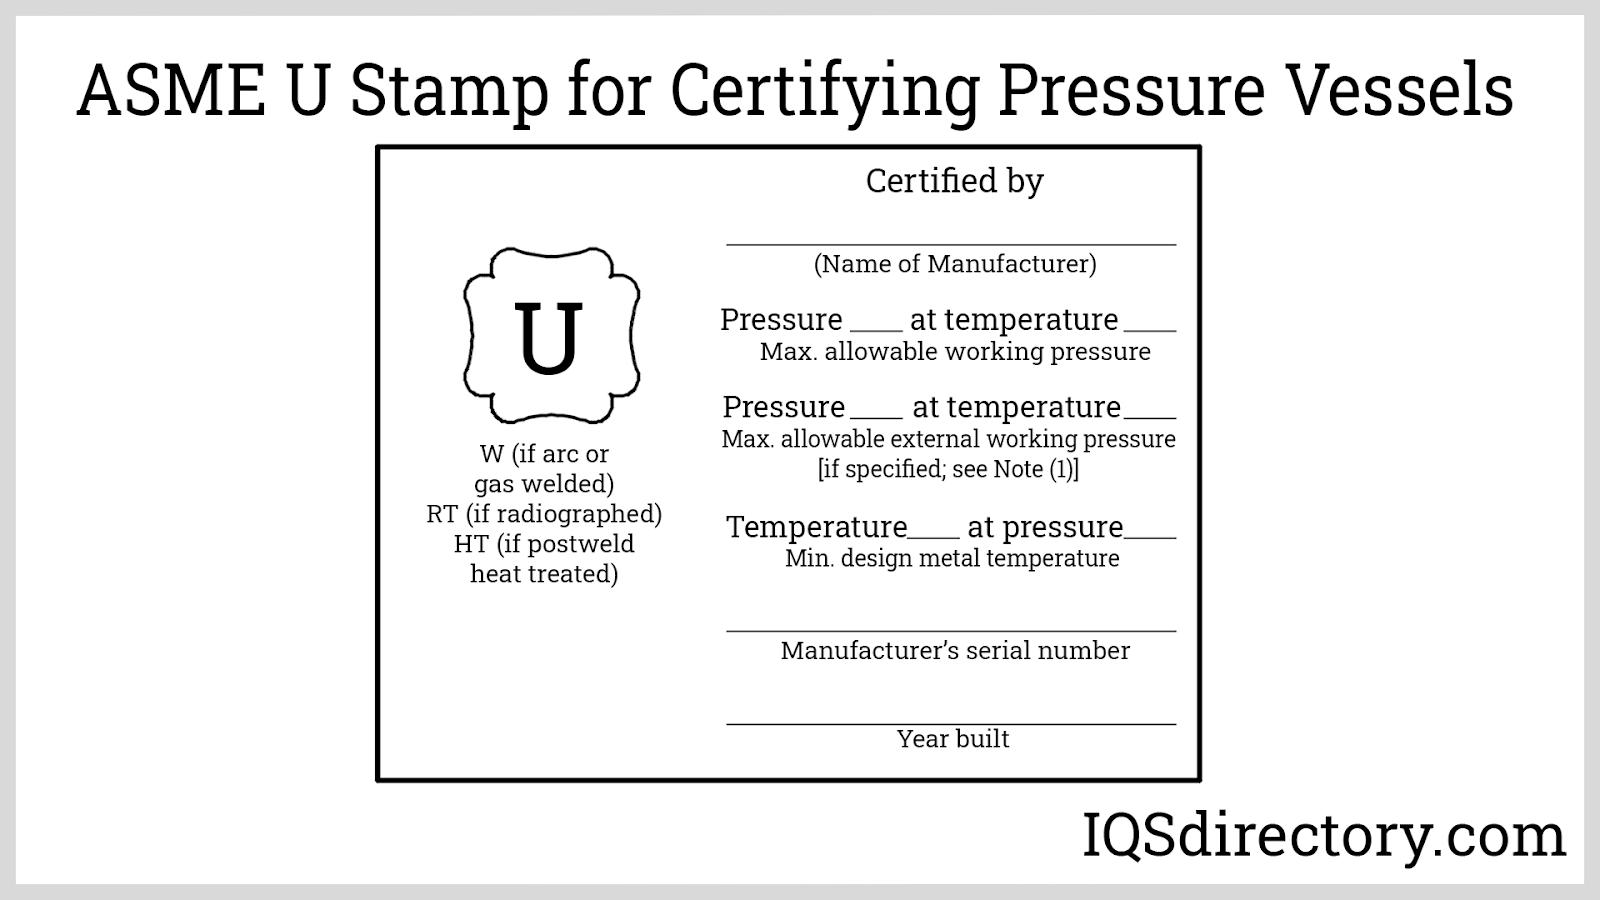 ASME U Stamp for Certifying Pressure Vessels